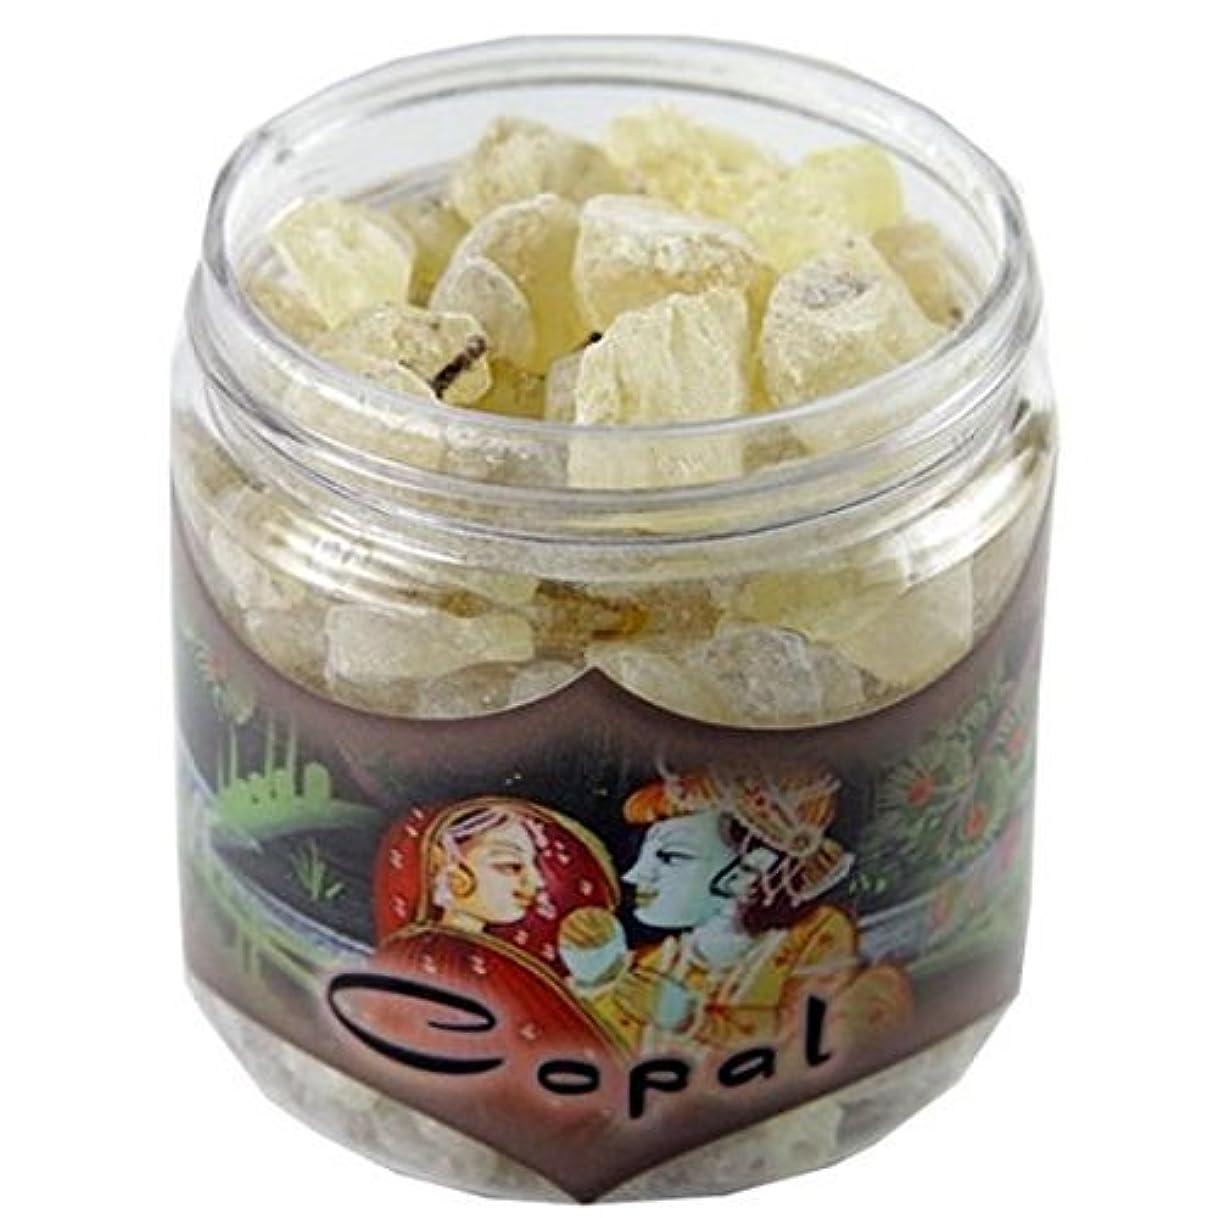 状況段落歌詞Resin Incense Copal - 2.4oz jar [並行輸入品]